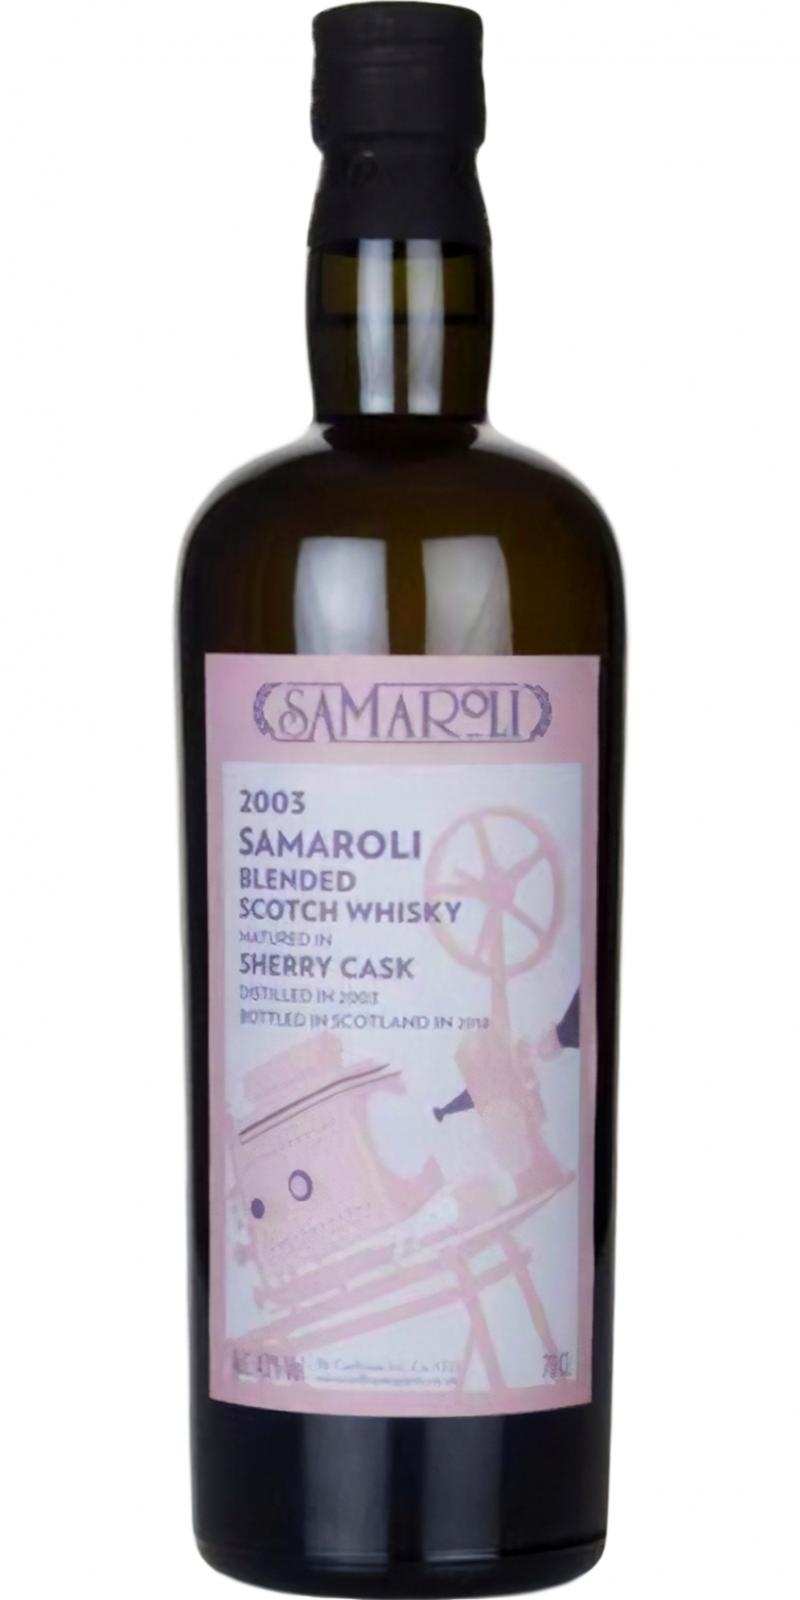 Blended Scotch Whisky 2003 Sa